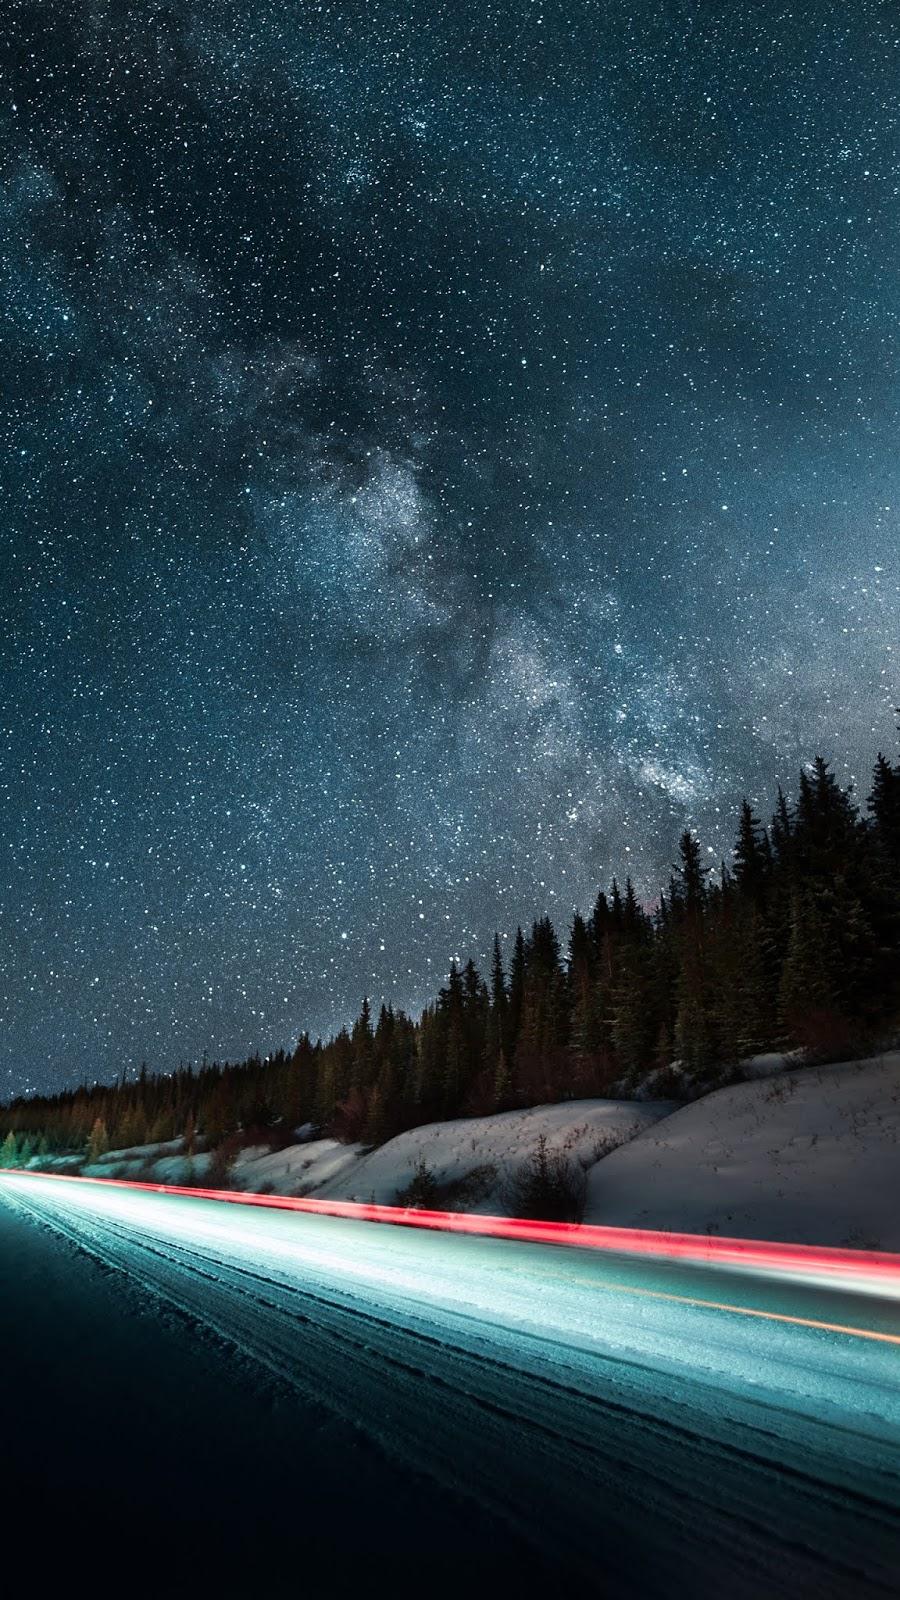 Road under night sky